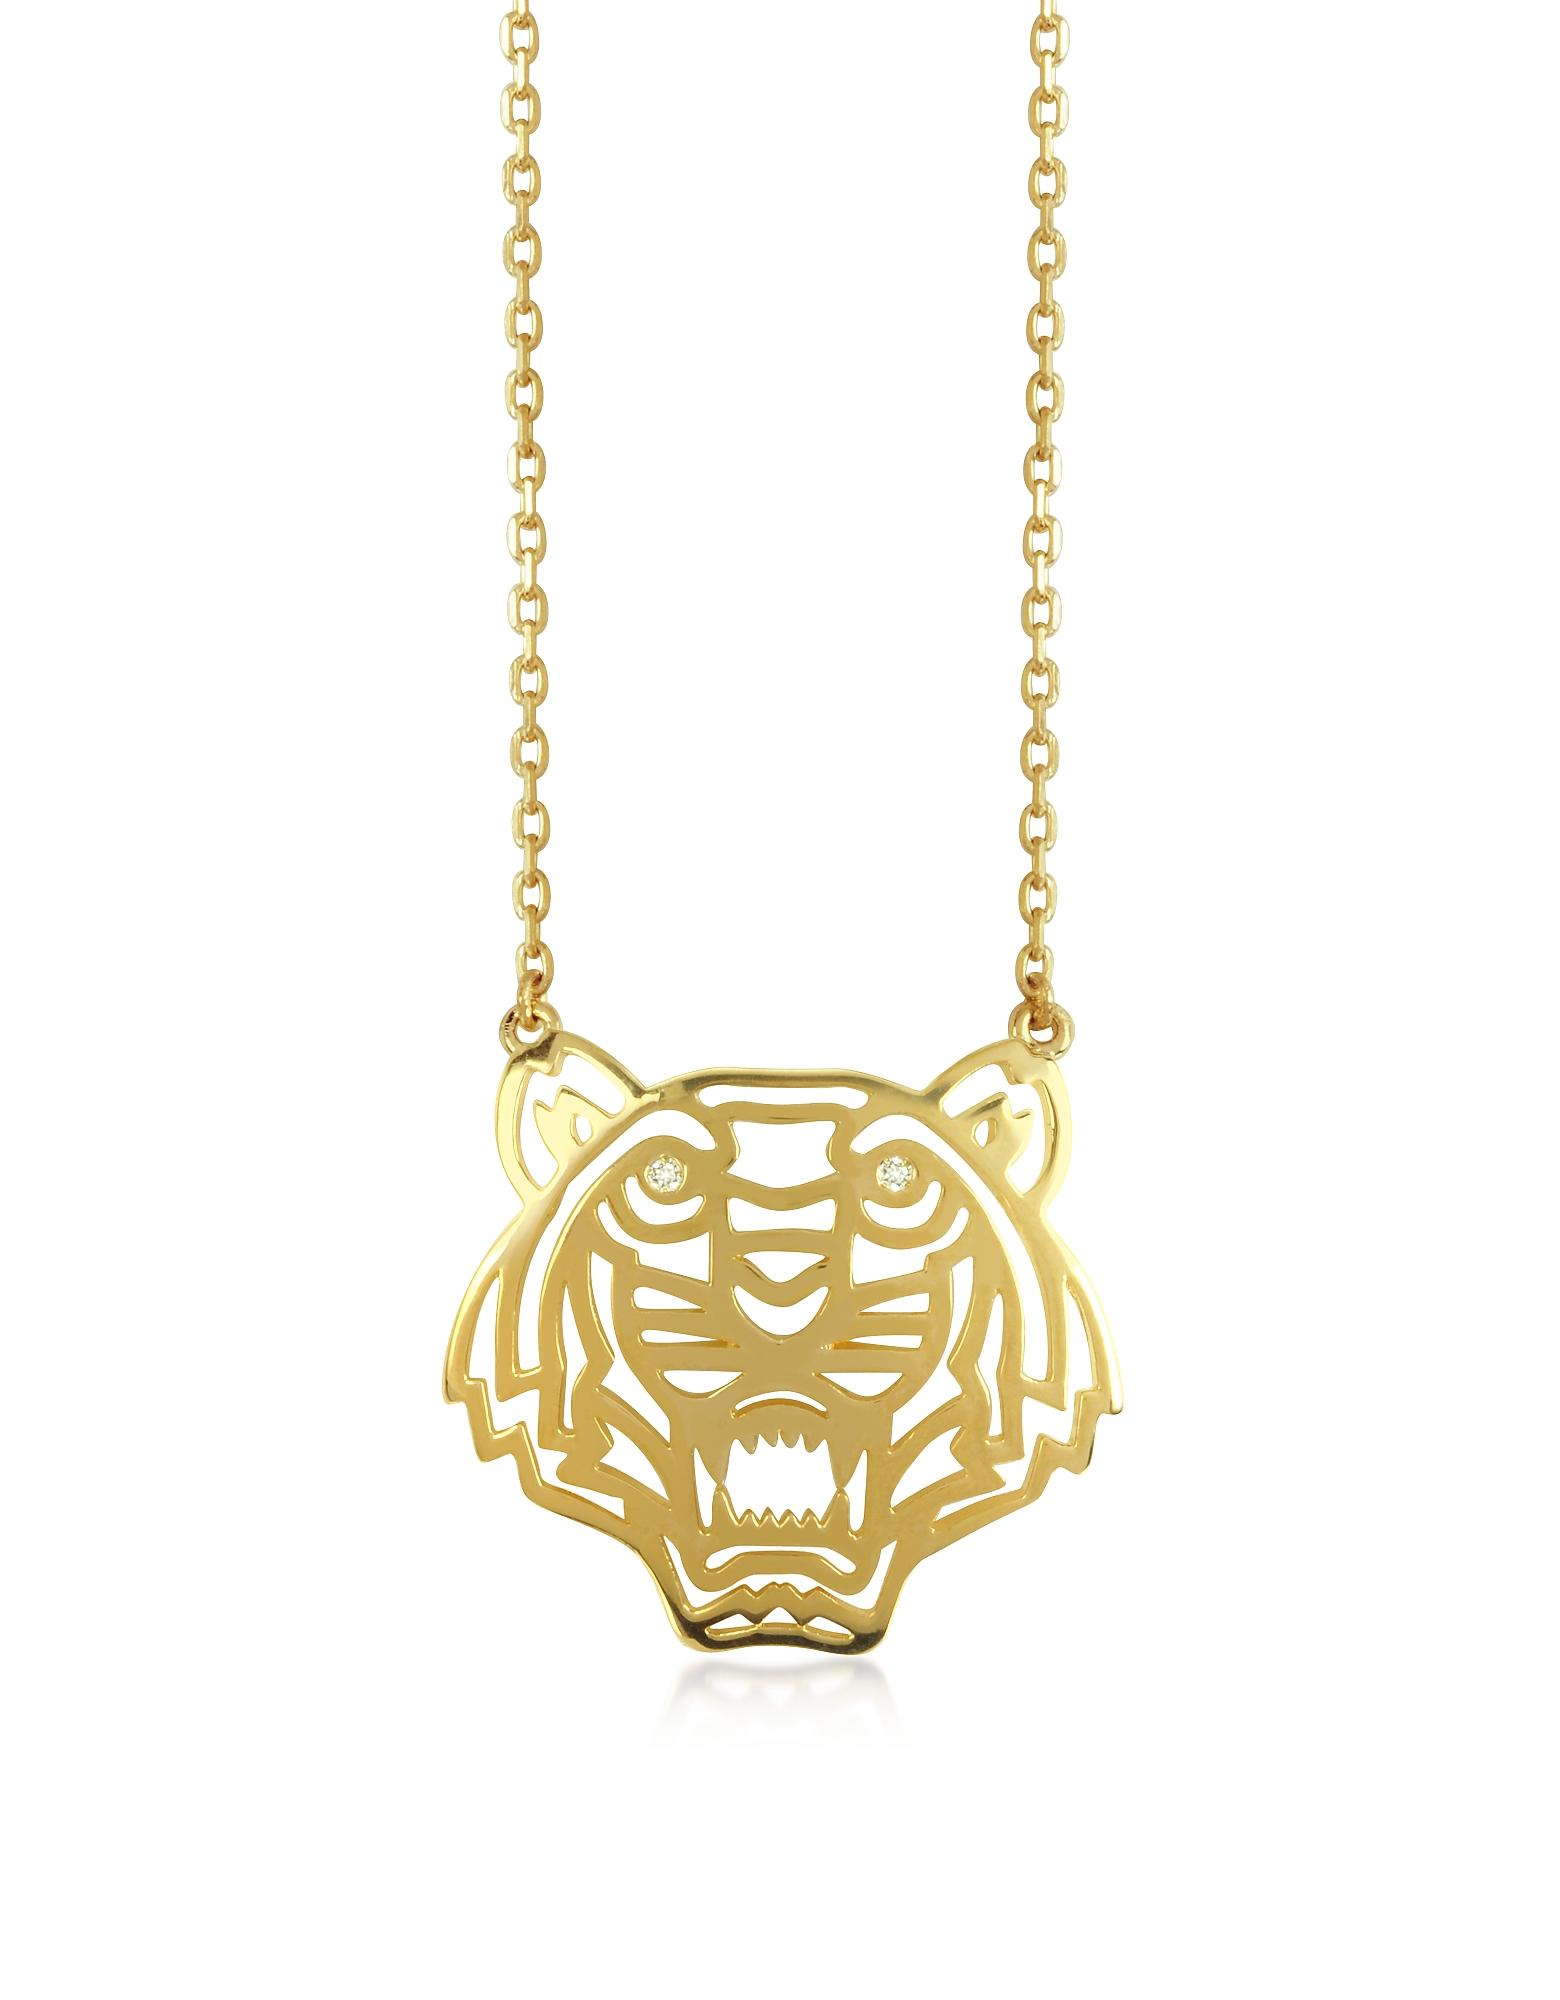 Kenzo Позолоченное Ожерелье с Подвеской-Тигром